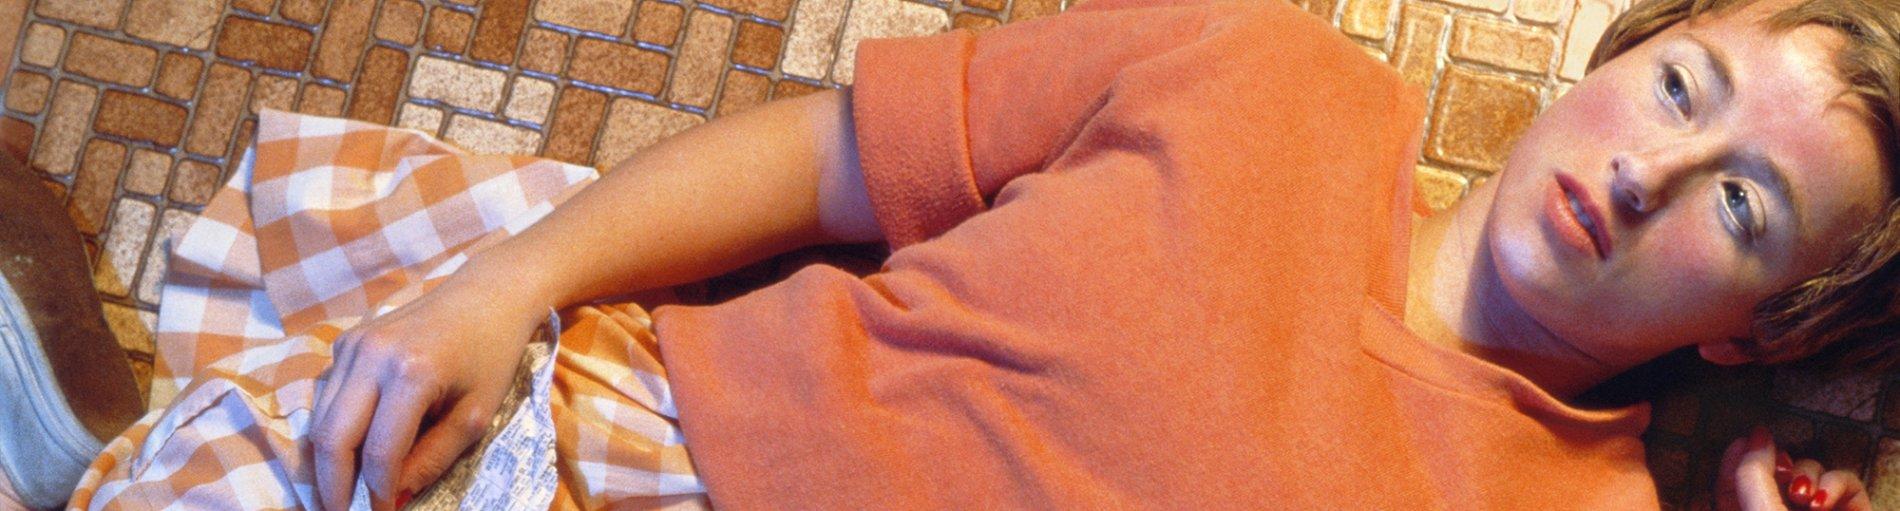 Eine Frau liegt in einem orangen Pulli und einem orange,weiß karierten Rock auf rötlichen Fliesen und hält einen Zettel in der Hand.